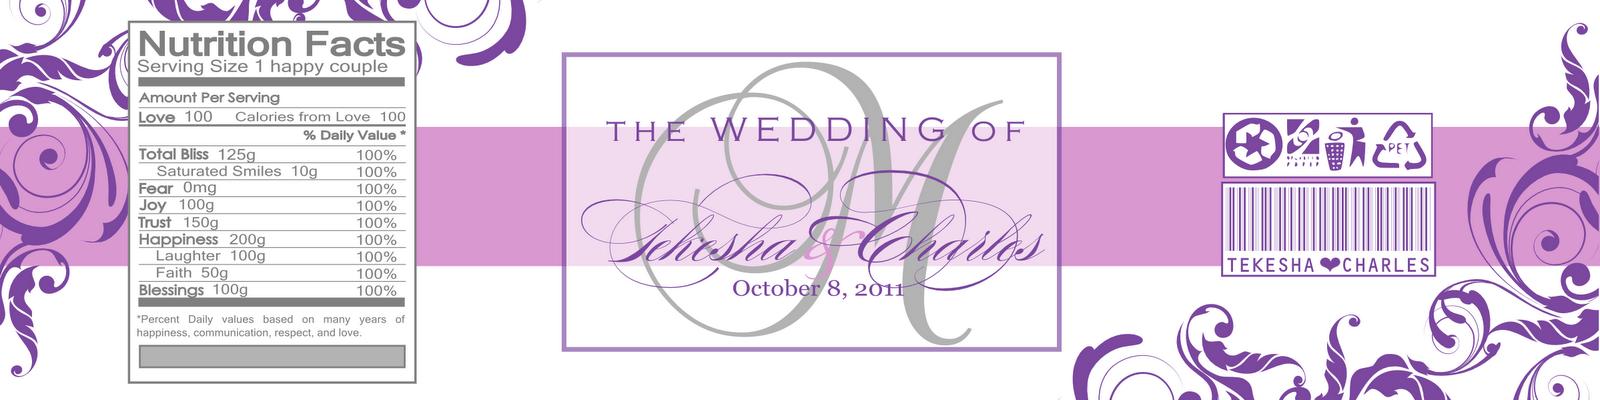 Signatures By Sarah: Wedding Stationery For Tekesha